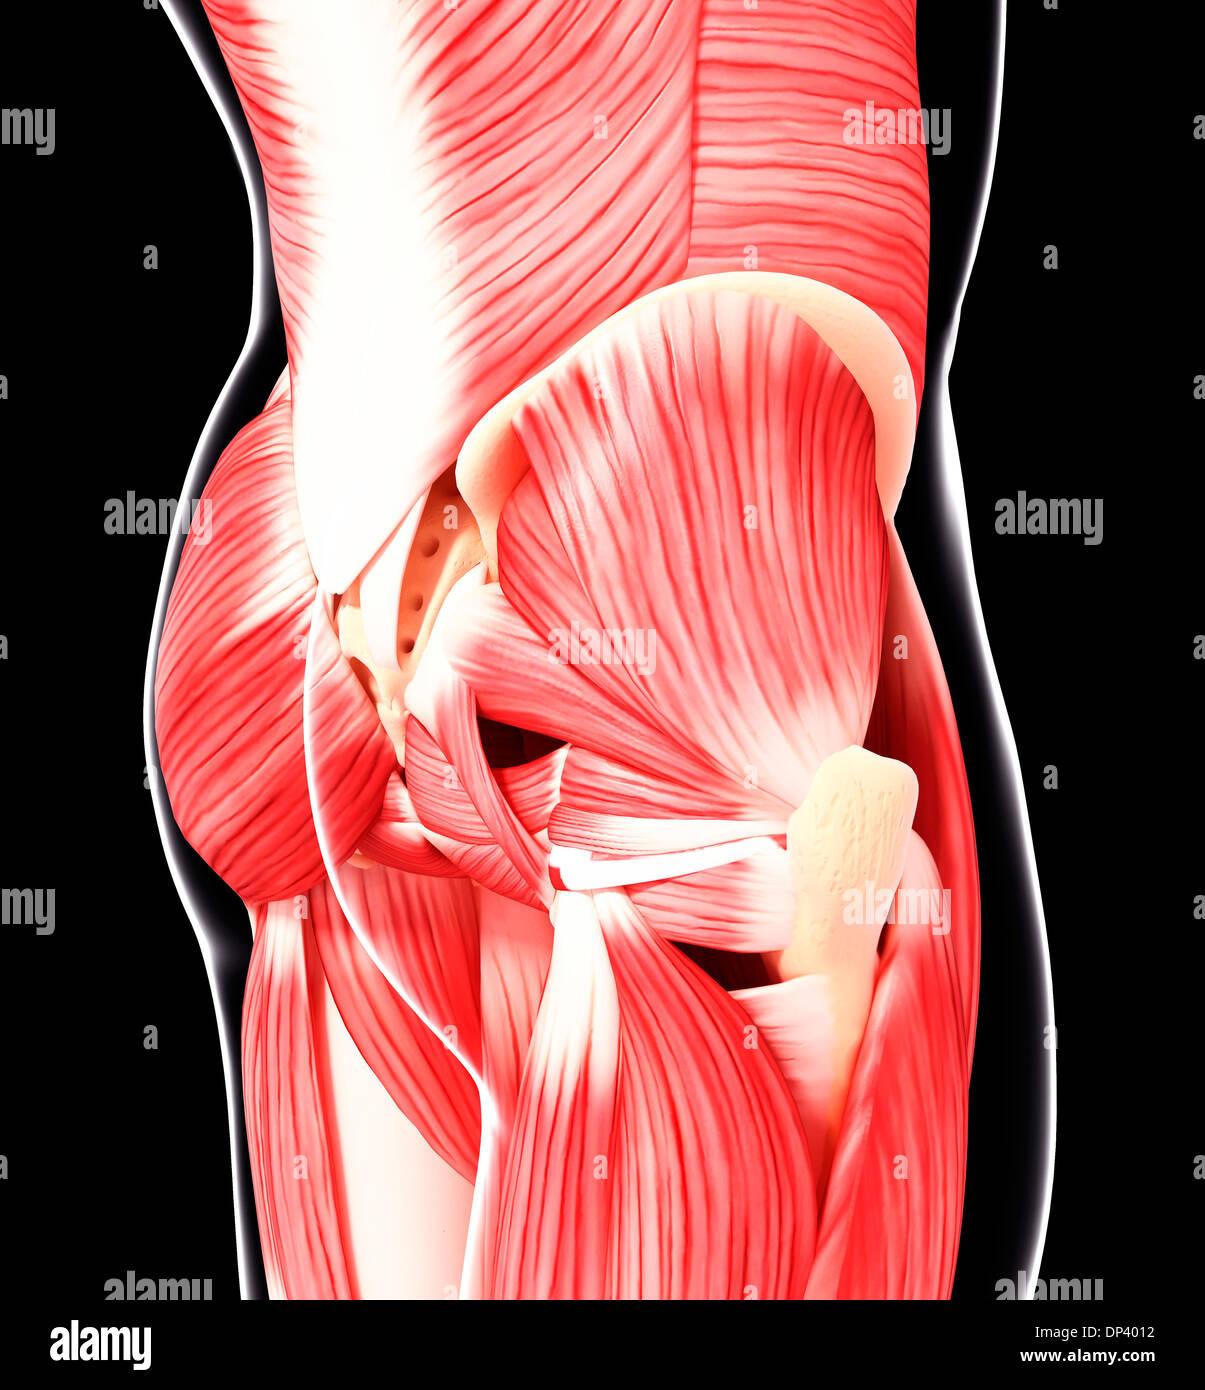 Menschlichen Hüfte Muskulatur, artwork Stockfoto, Bild: 65241374 - Alamy